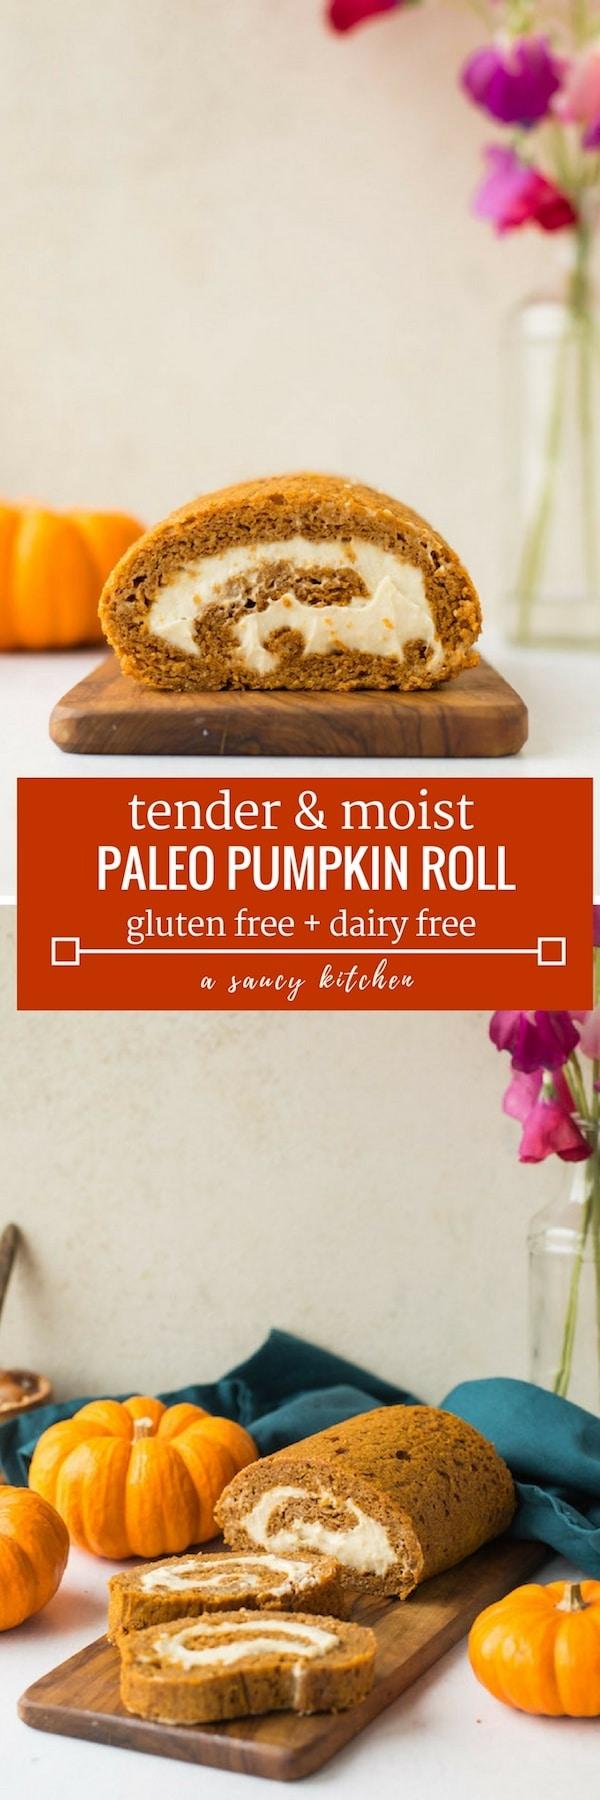 paleo pumpkin roll pin